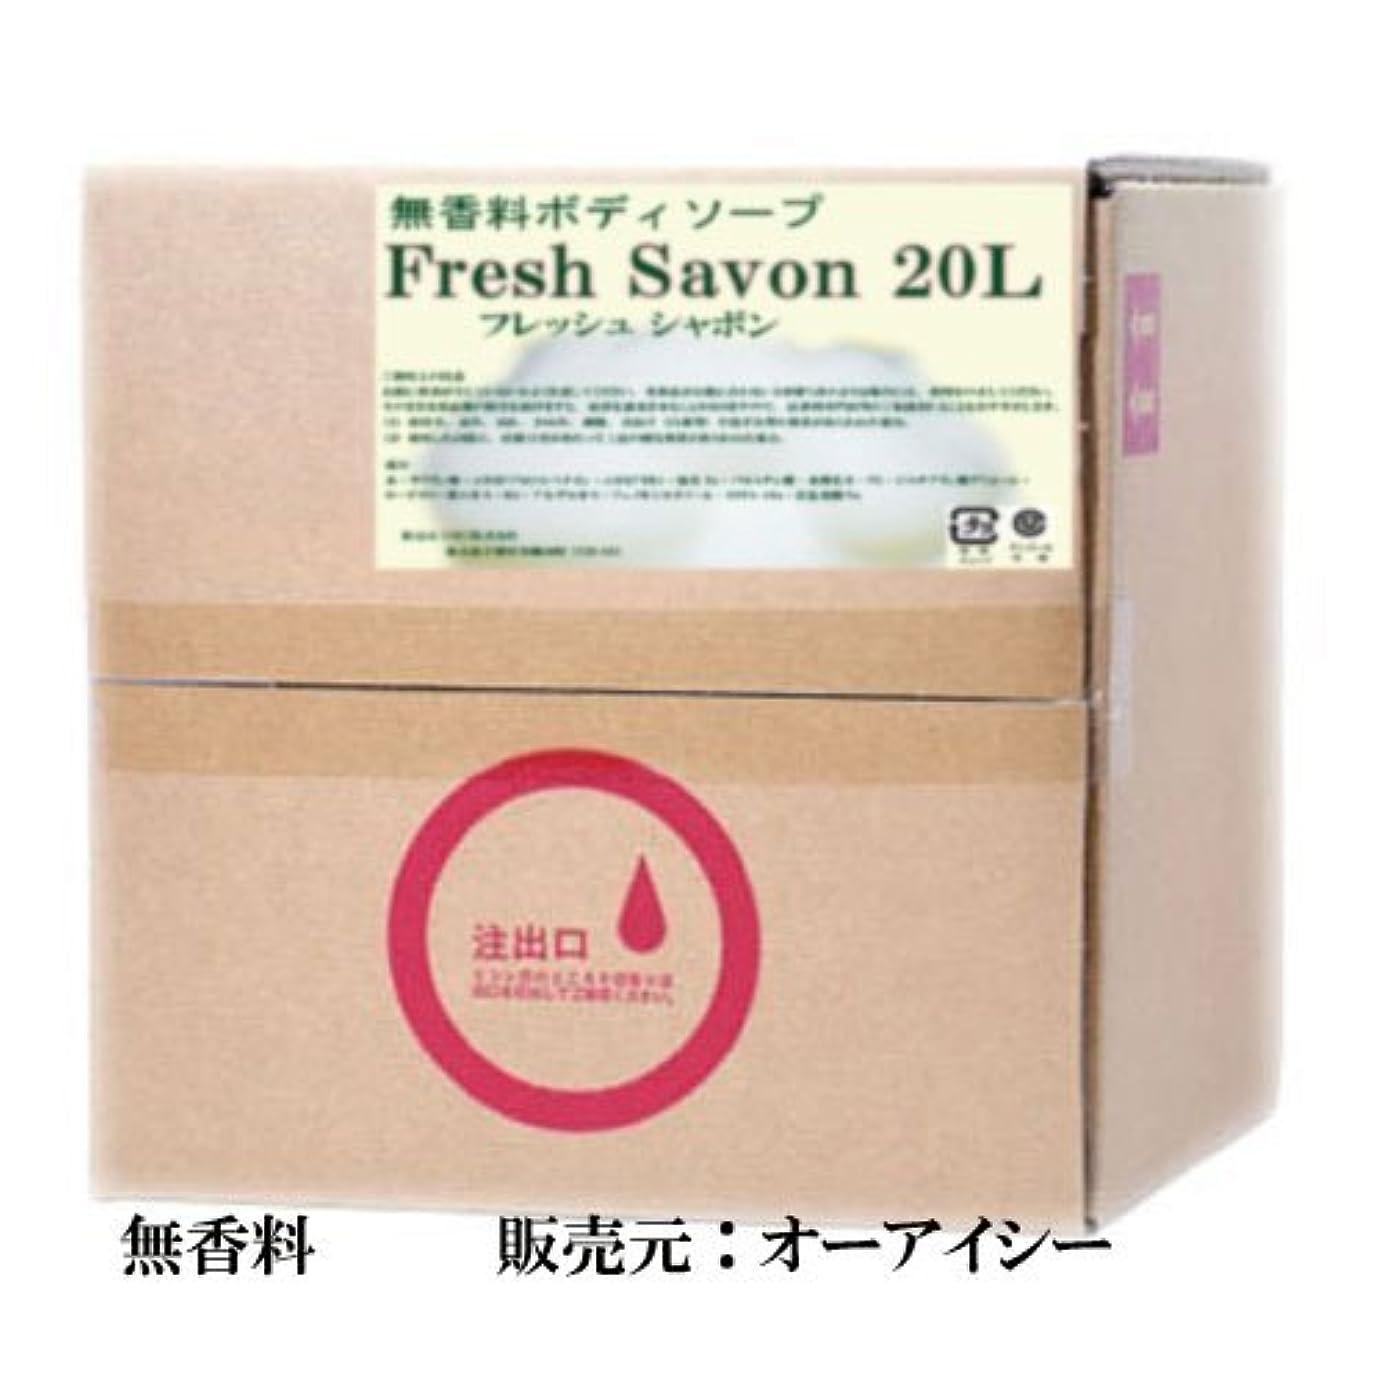 パールゴールド前部業務用 無香料 ボディソープ フレッシュシャボン 20L (販売元:オーアイシー) (ホワイト(コック付属))